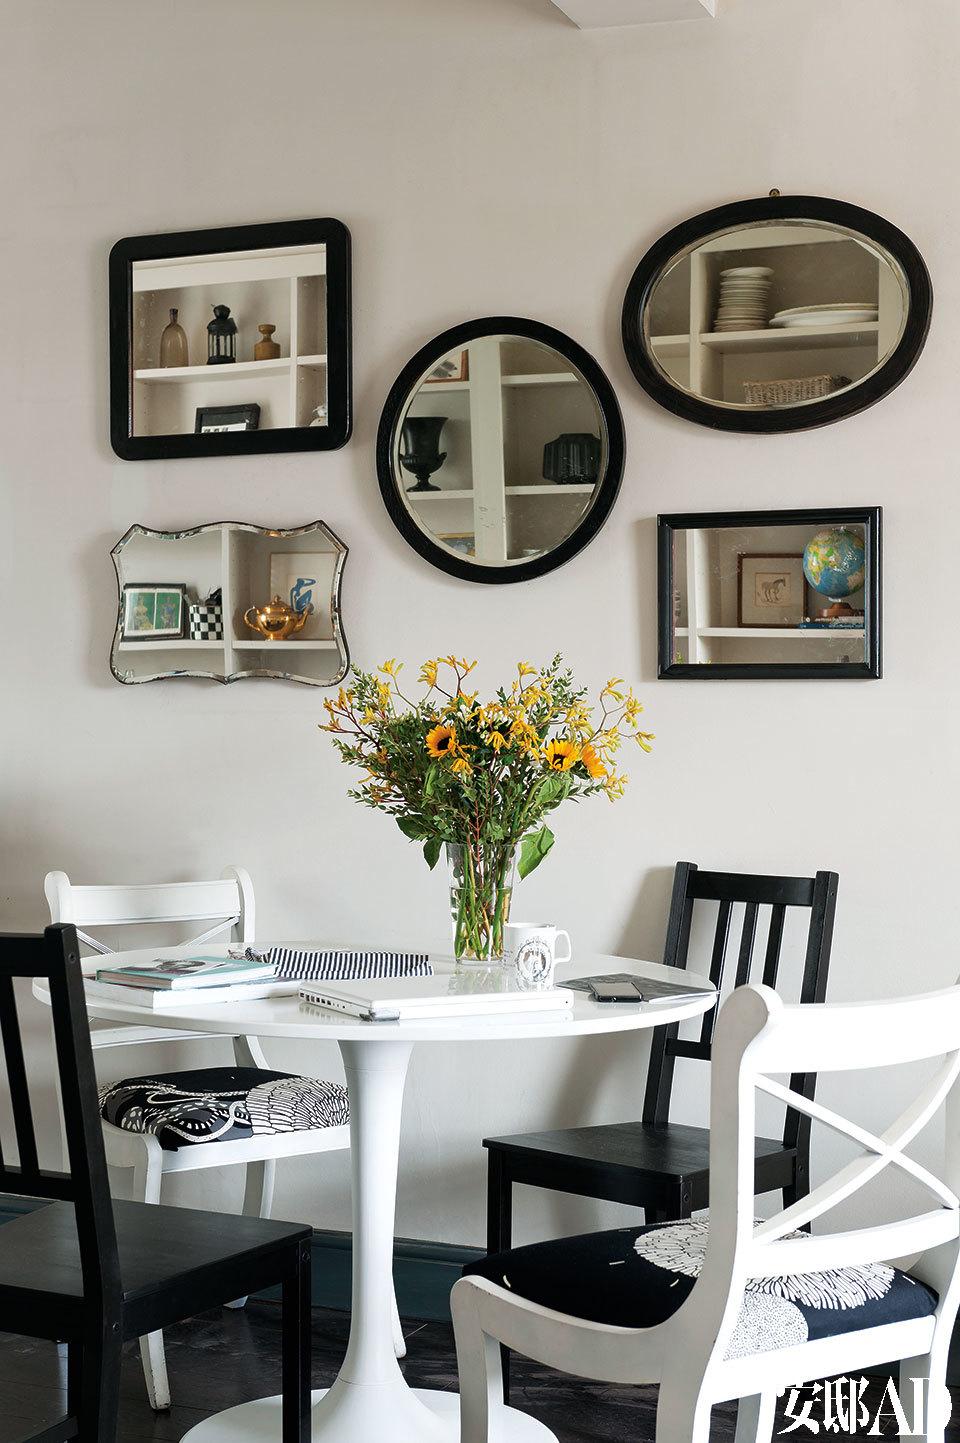 形状不同的复古镜,装饰着餐桌旁的墙面,还倒映出对面储物架上的各式收藏。餐厅就设在客厅的另一头,使用了来自宜家家居的餐桌和黑色厨房座椅,白色座椅则来自Sussex Country Brocante。墙上的装饰镜来自Peanut Vendor。